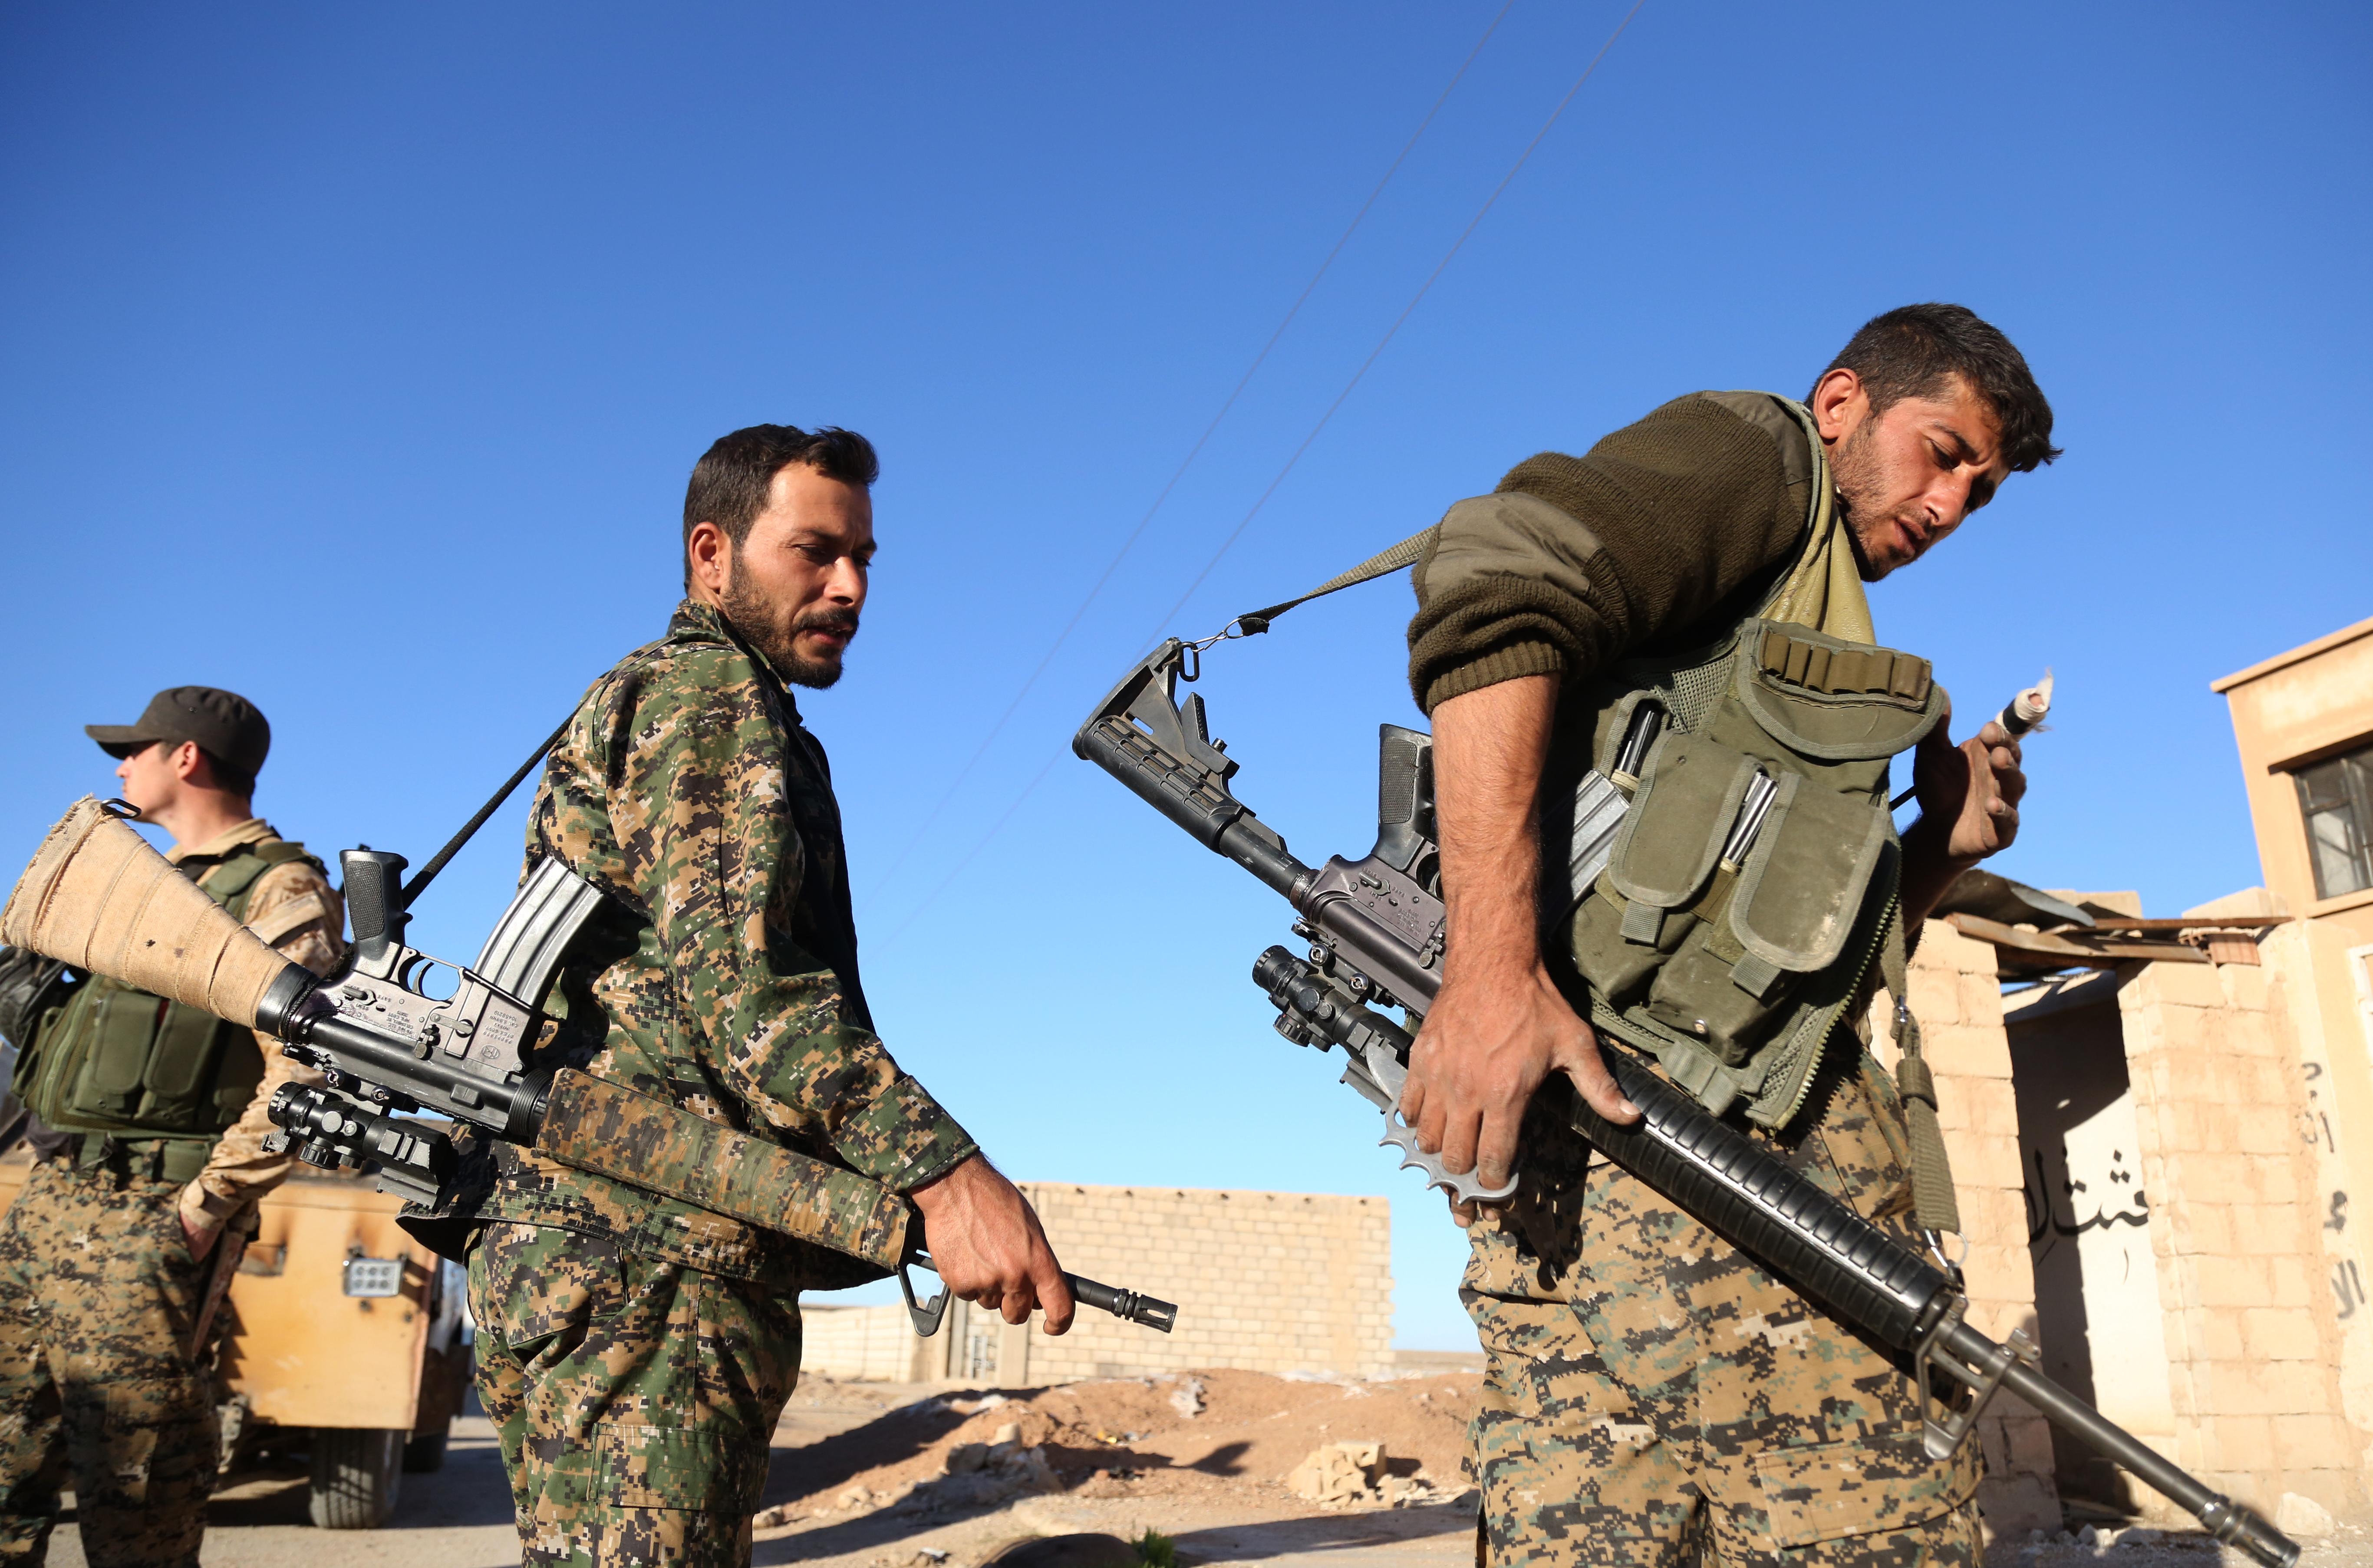 Kurdok ellen indított hadműveletet a török hadsereg Észak-Irakban